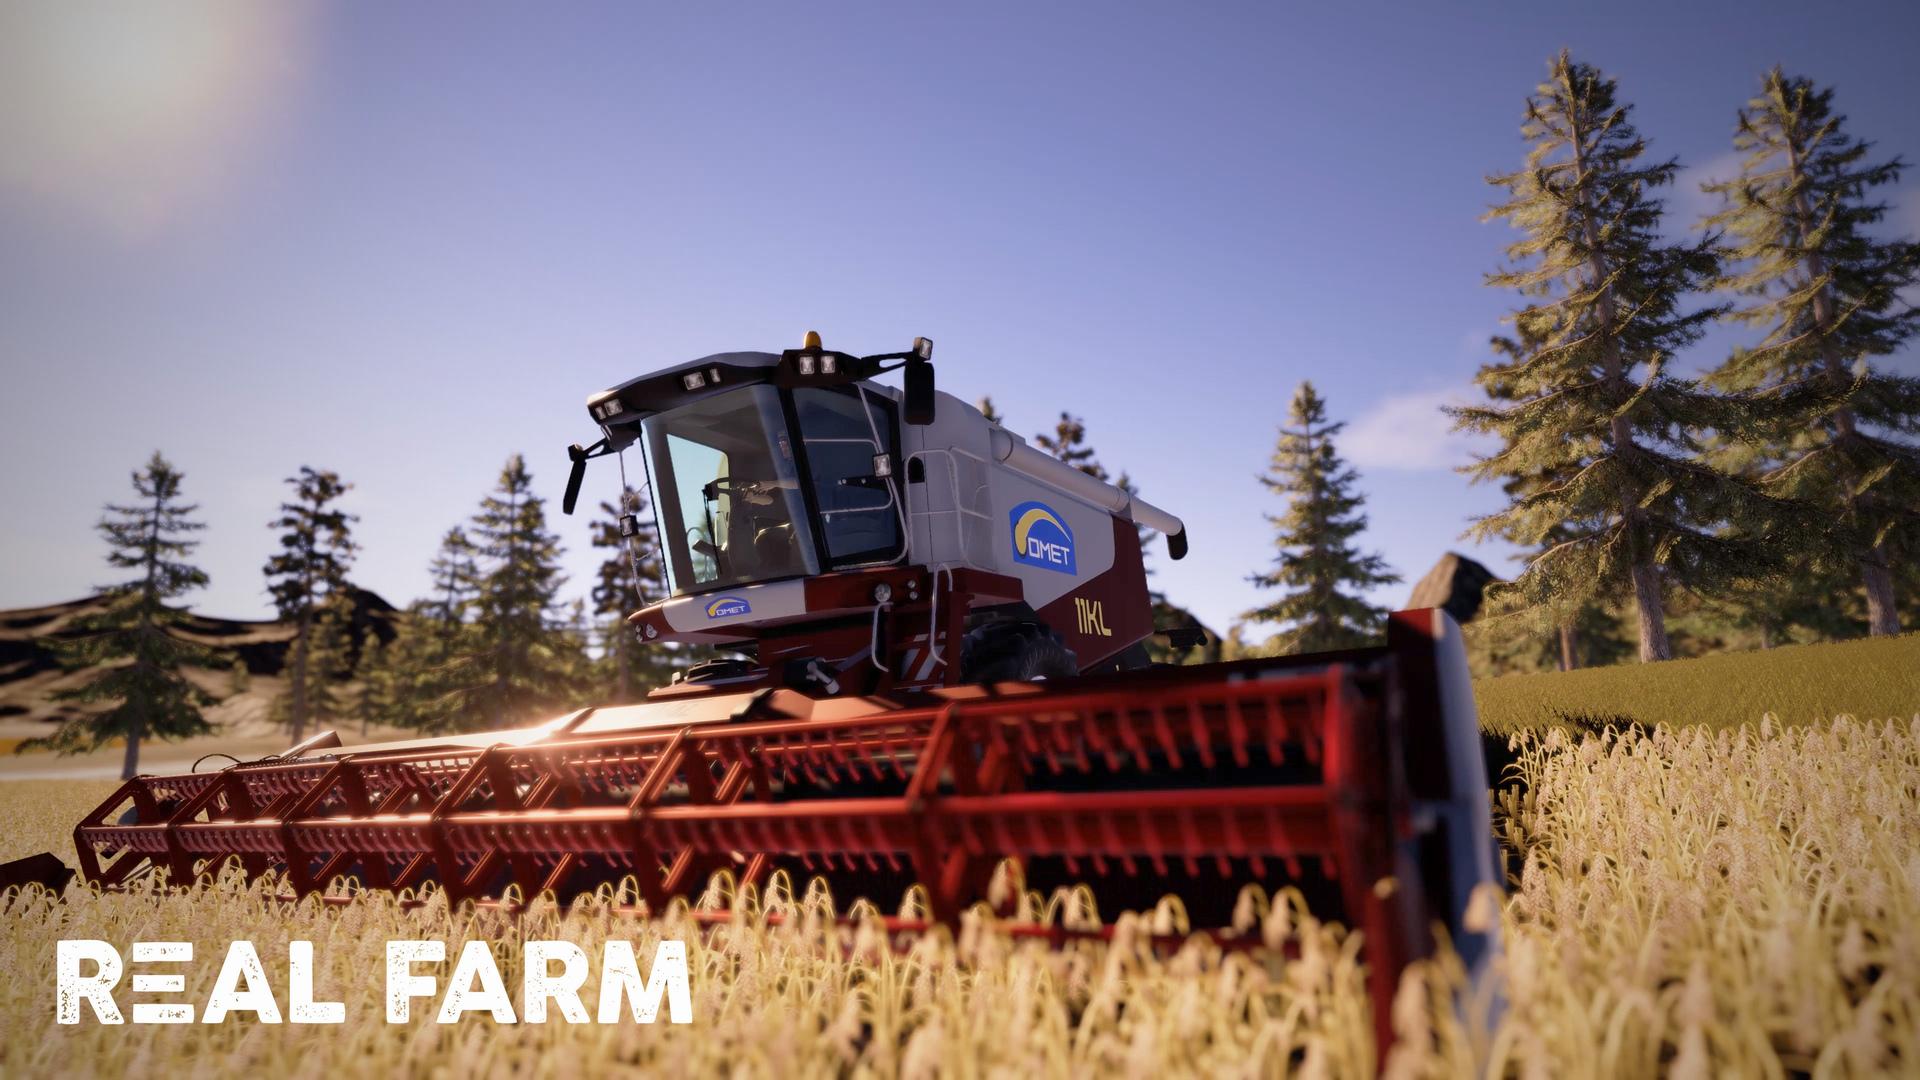 Výzva na venkově v Real Farm 149644